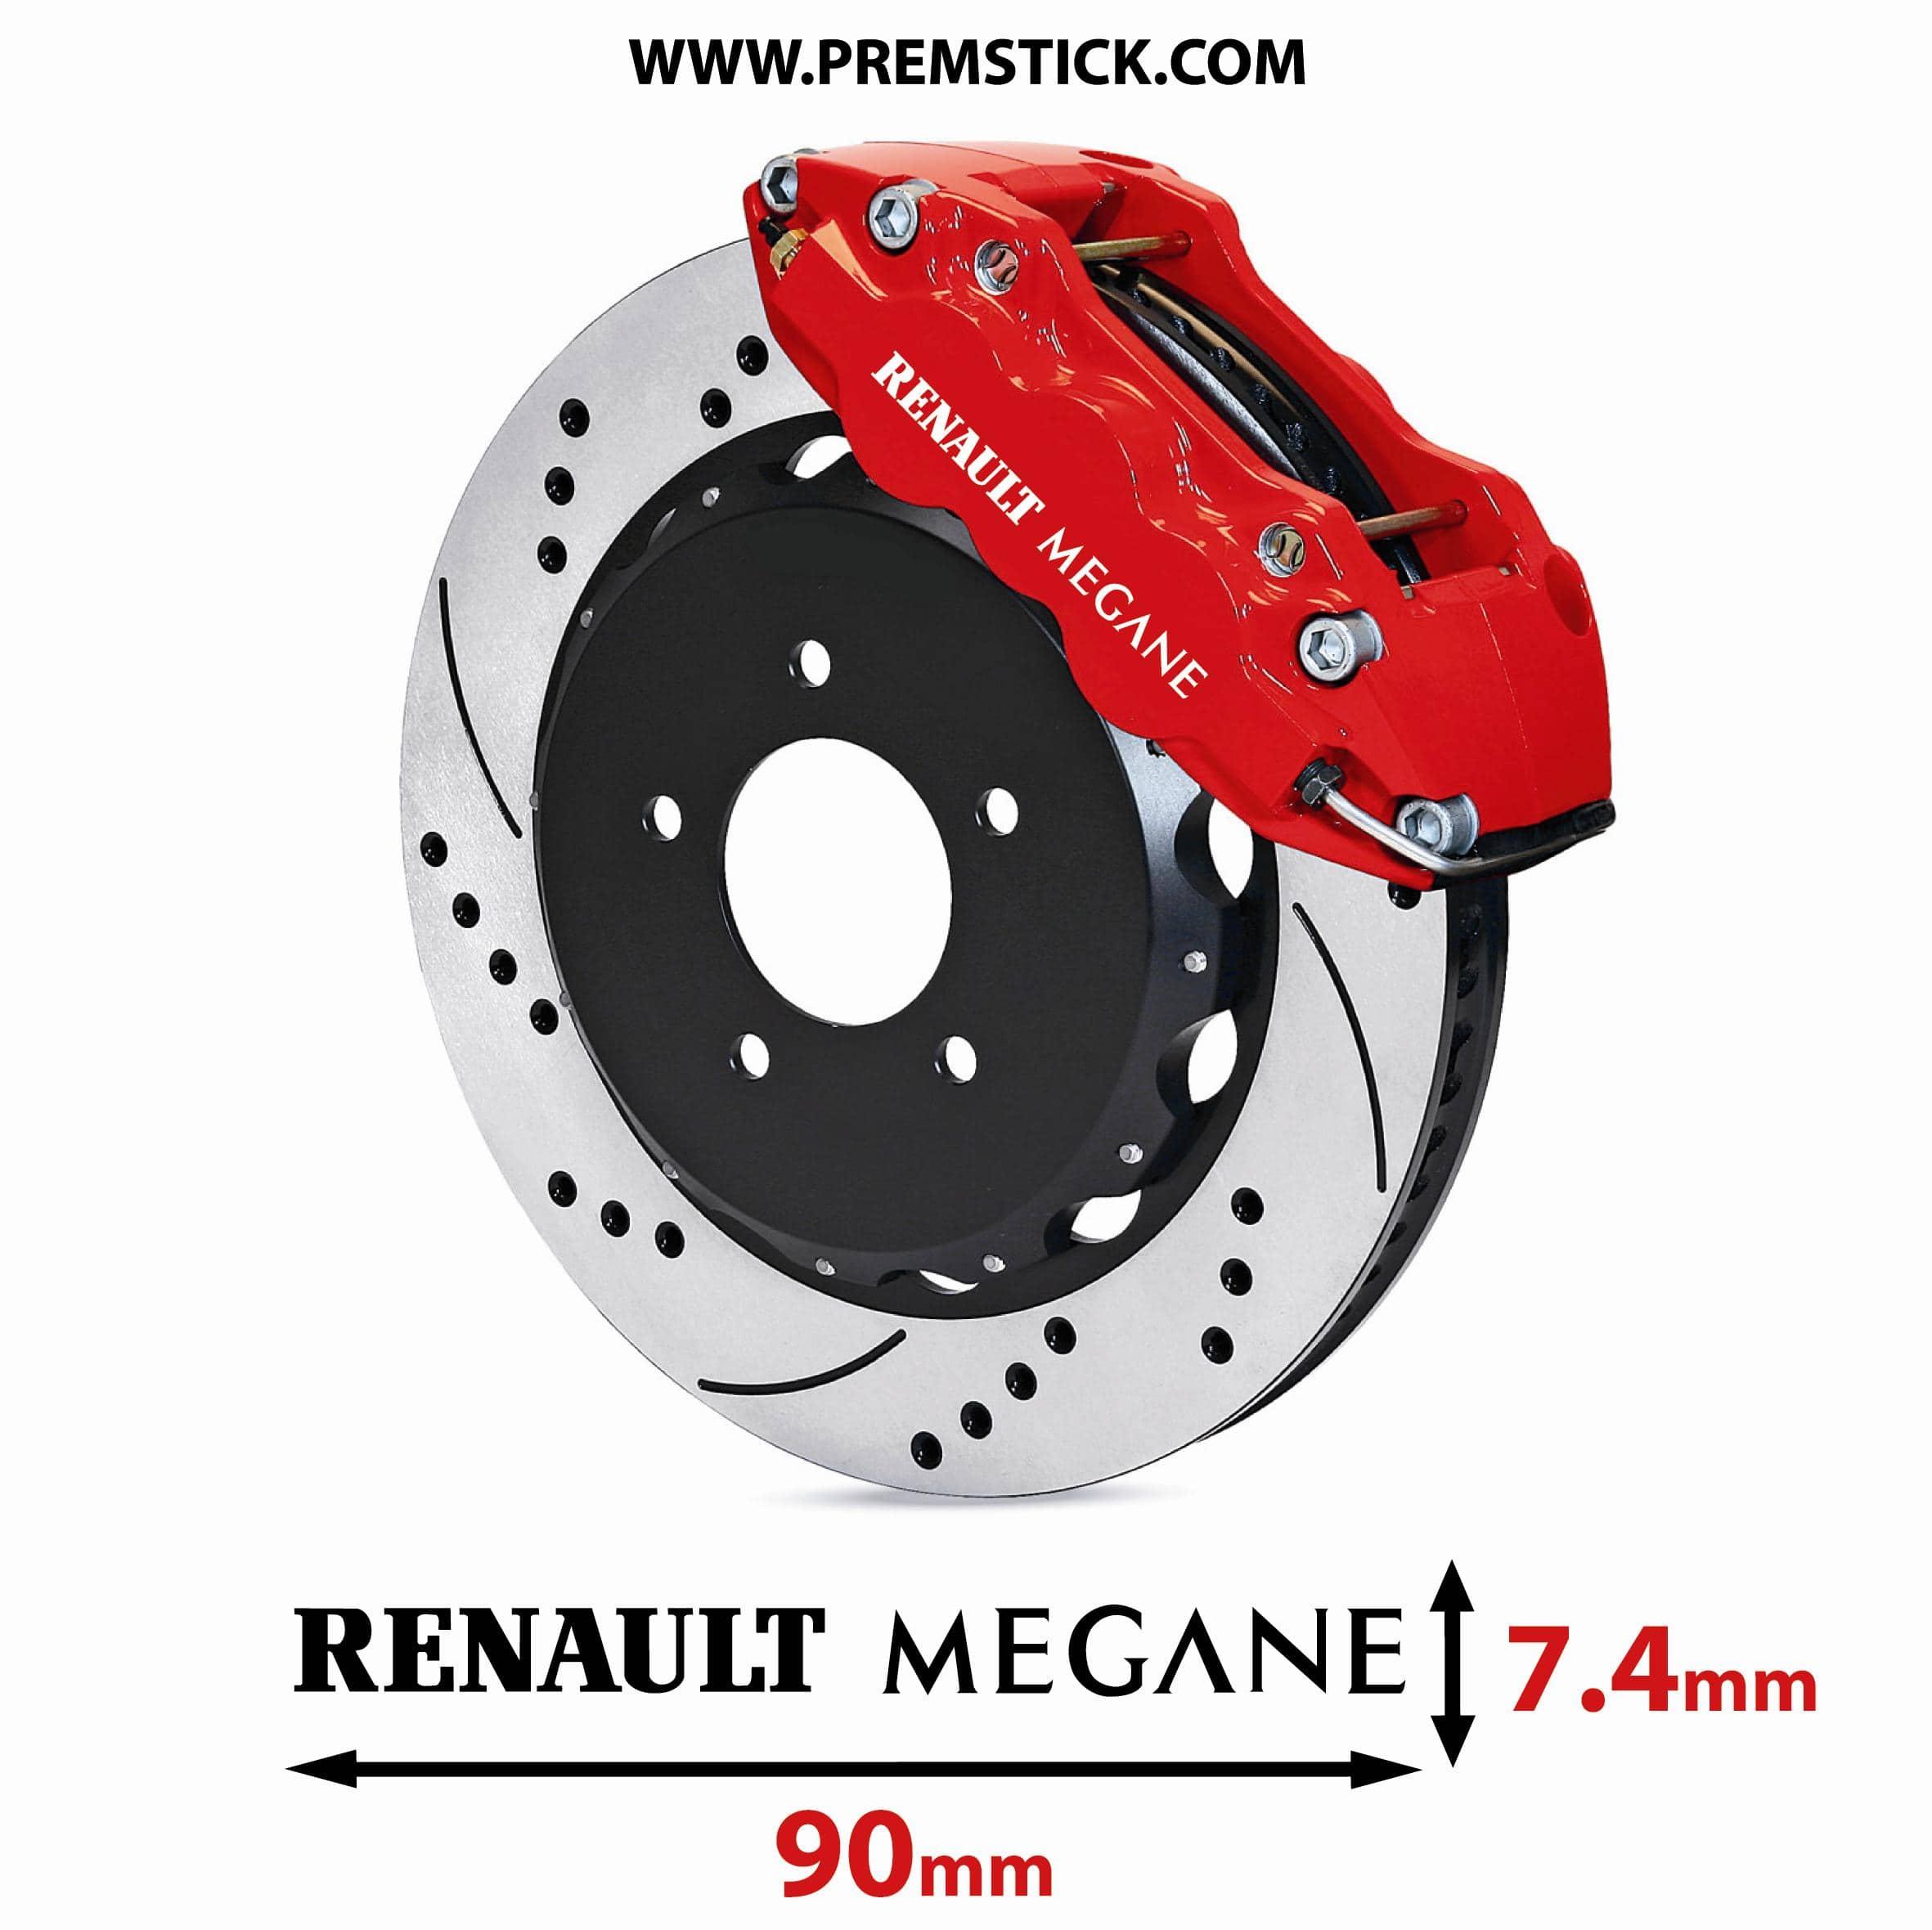 stickers-etrier-de-frein-renault-megane-ref1-autocollant-etriers-freins-logo-voiture-sticker-adhesif-auto-car-disque-plaquette-pneu-jantes-racing-tuning-sponsors-sport-min